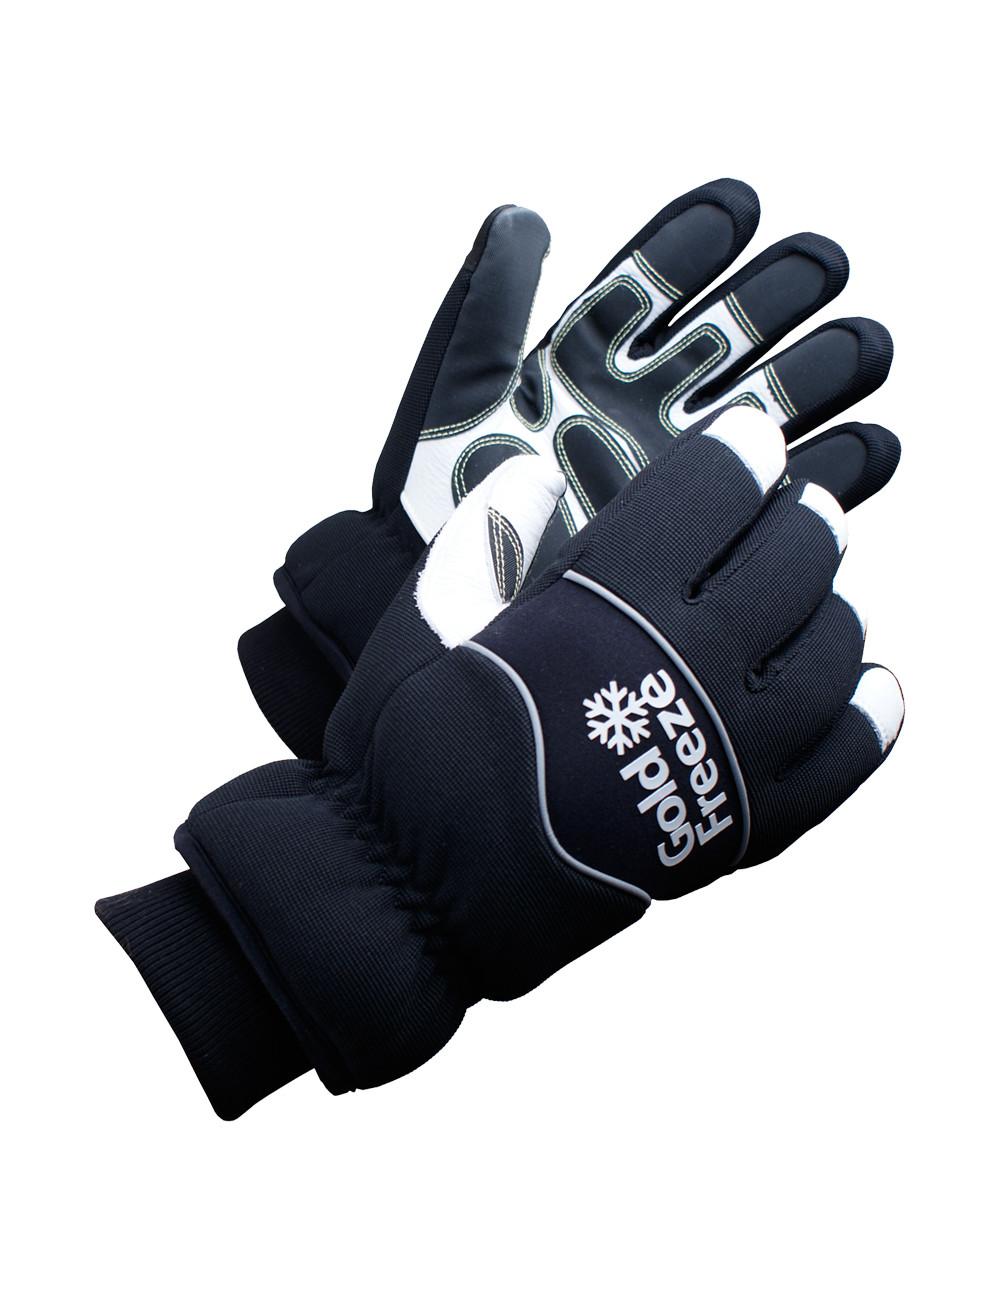 Rękawice skórzane do mroźni Eisbaer Goldfreeze do -40 stopni.